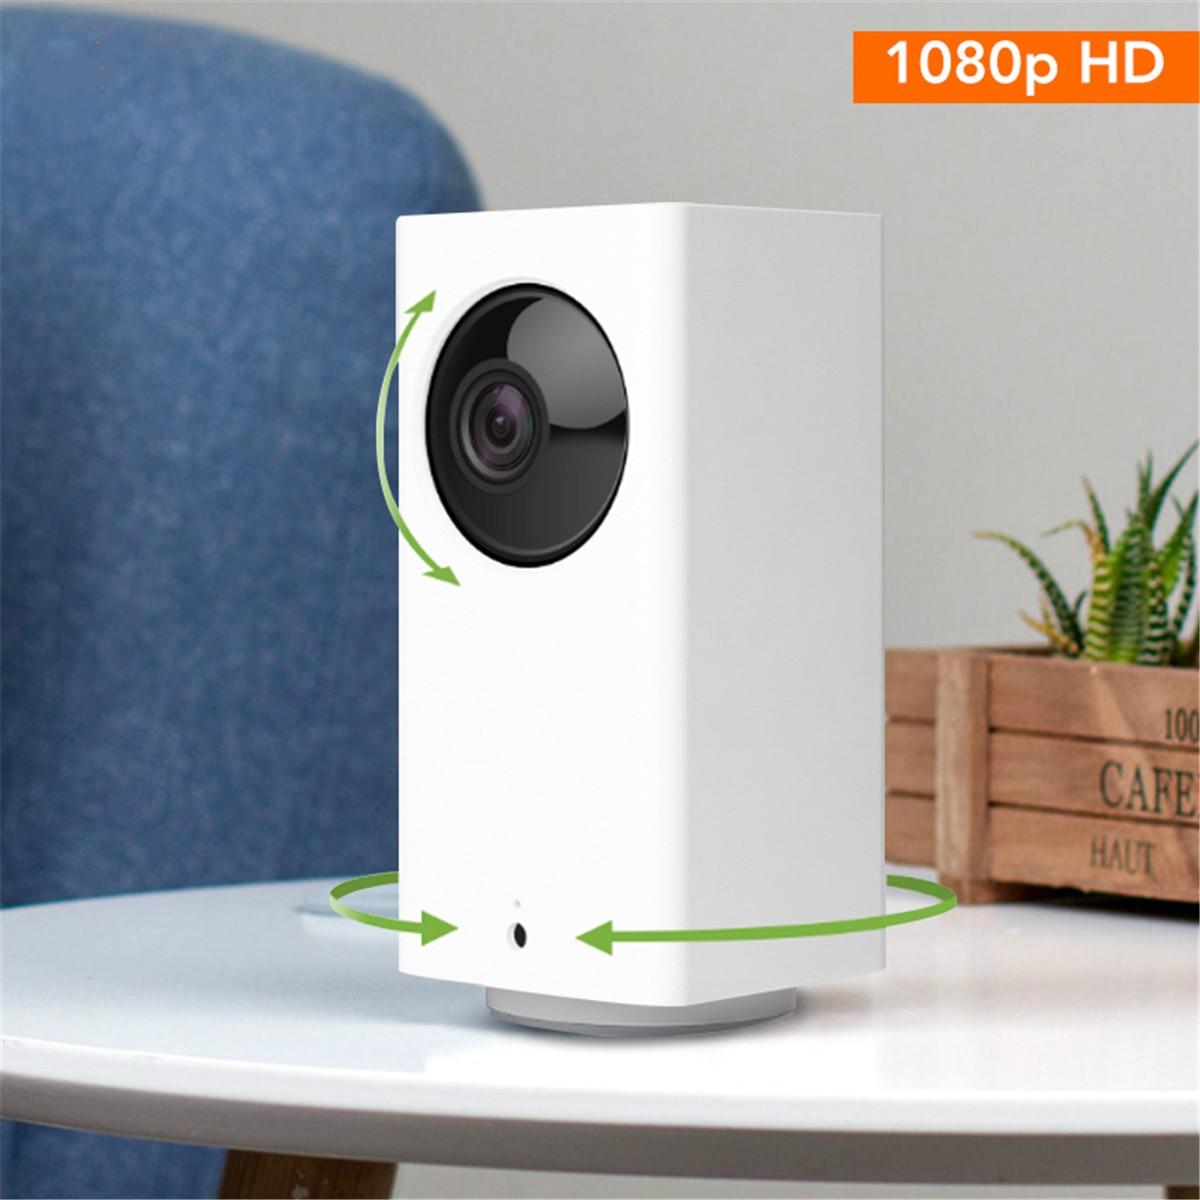 Tüketici Elektroniği'ten 360 ° Video Kamera'de Xiaomi Mijia YOUPIN DAFANG 1080p akıllı kamera IP kamera WIFI akıllı monitör HD akıllı gece görüş ev ofis Video kameralar title=